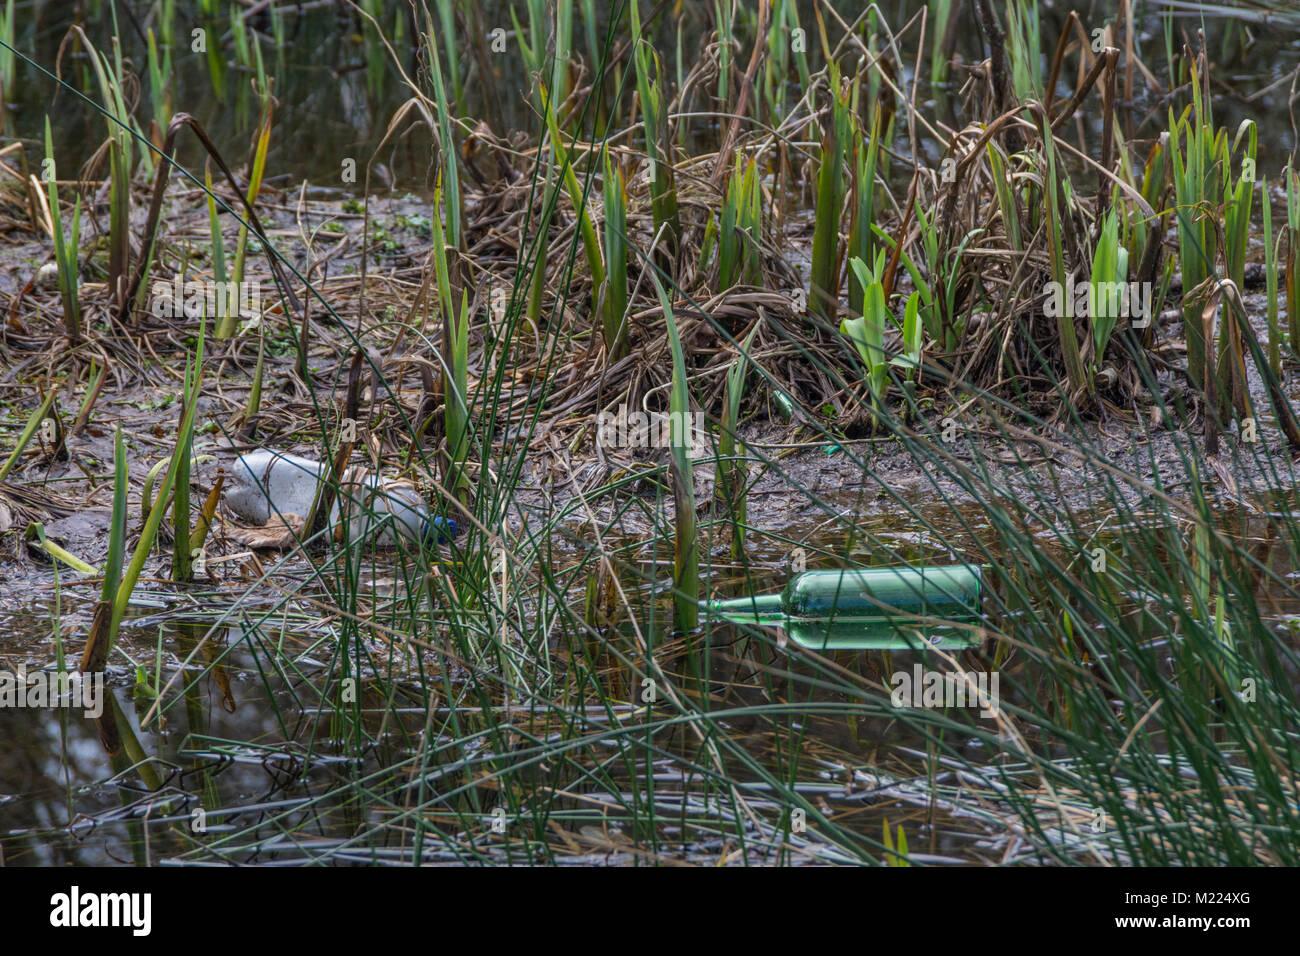 Les bouteilles en verre et plastique échoués en zone marécageuse - métaphore de la pollution Photo Stock